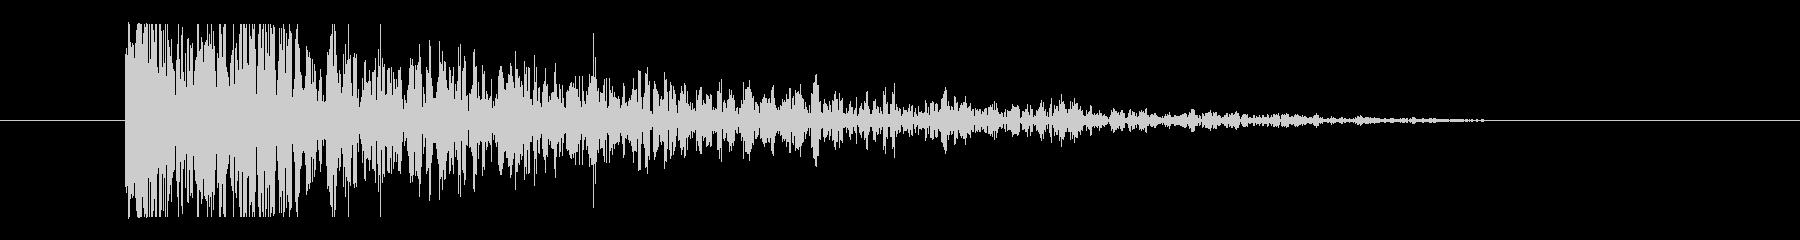 スティンガー-パーカッシブスラム&...の未再生の波形